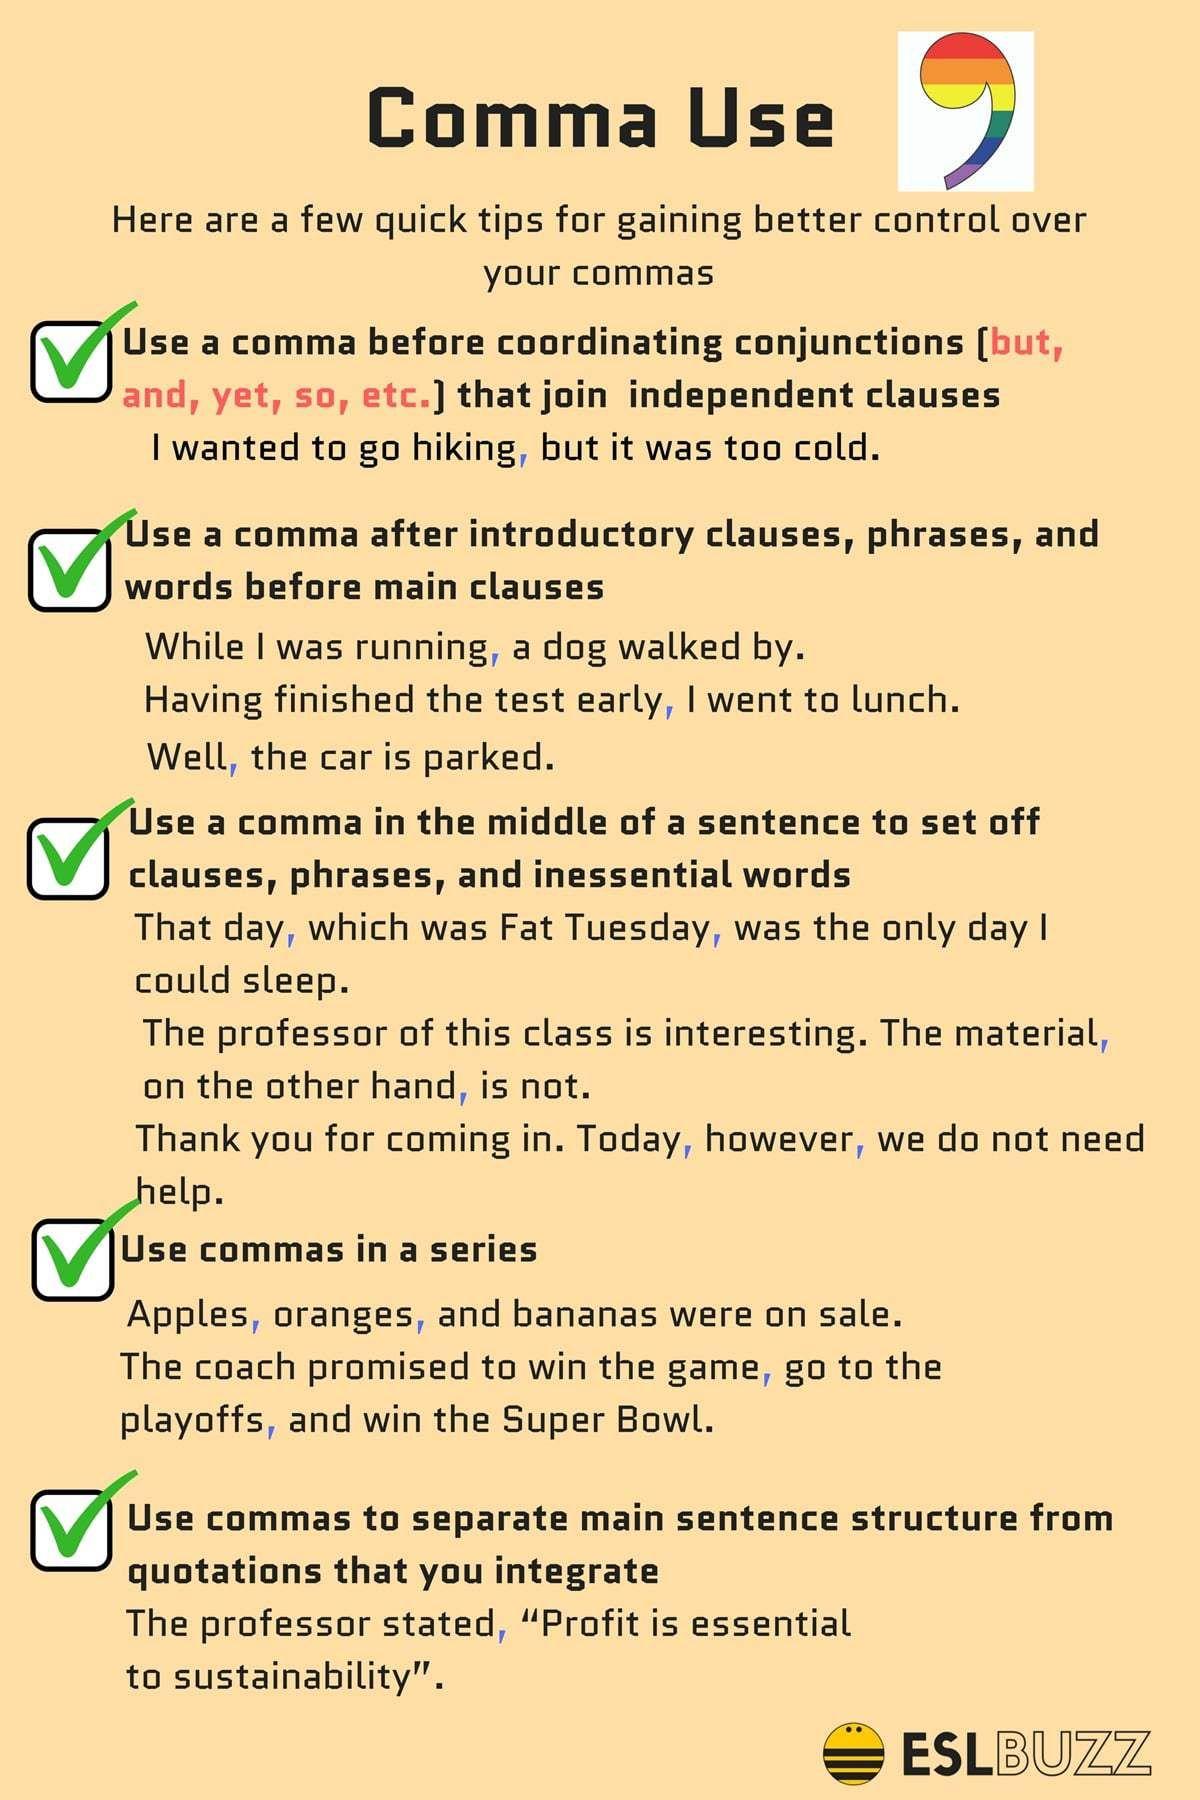 How to Use Commas Correctly  Englisch lernen, English lernen, Lernen